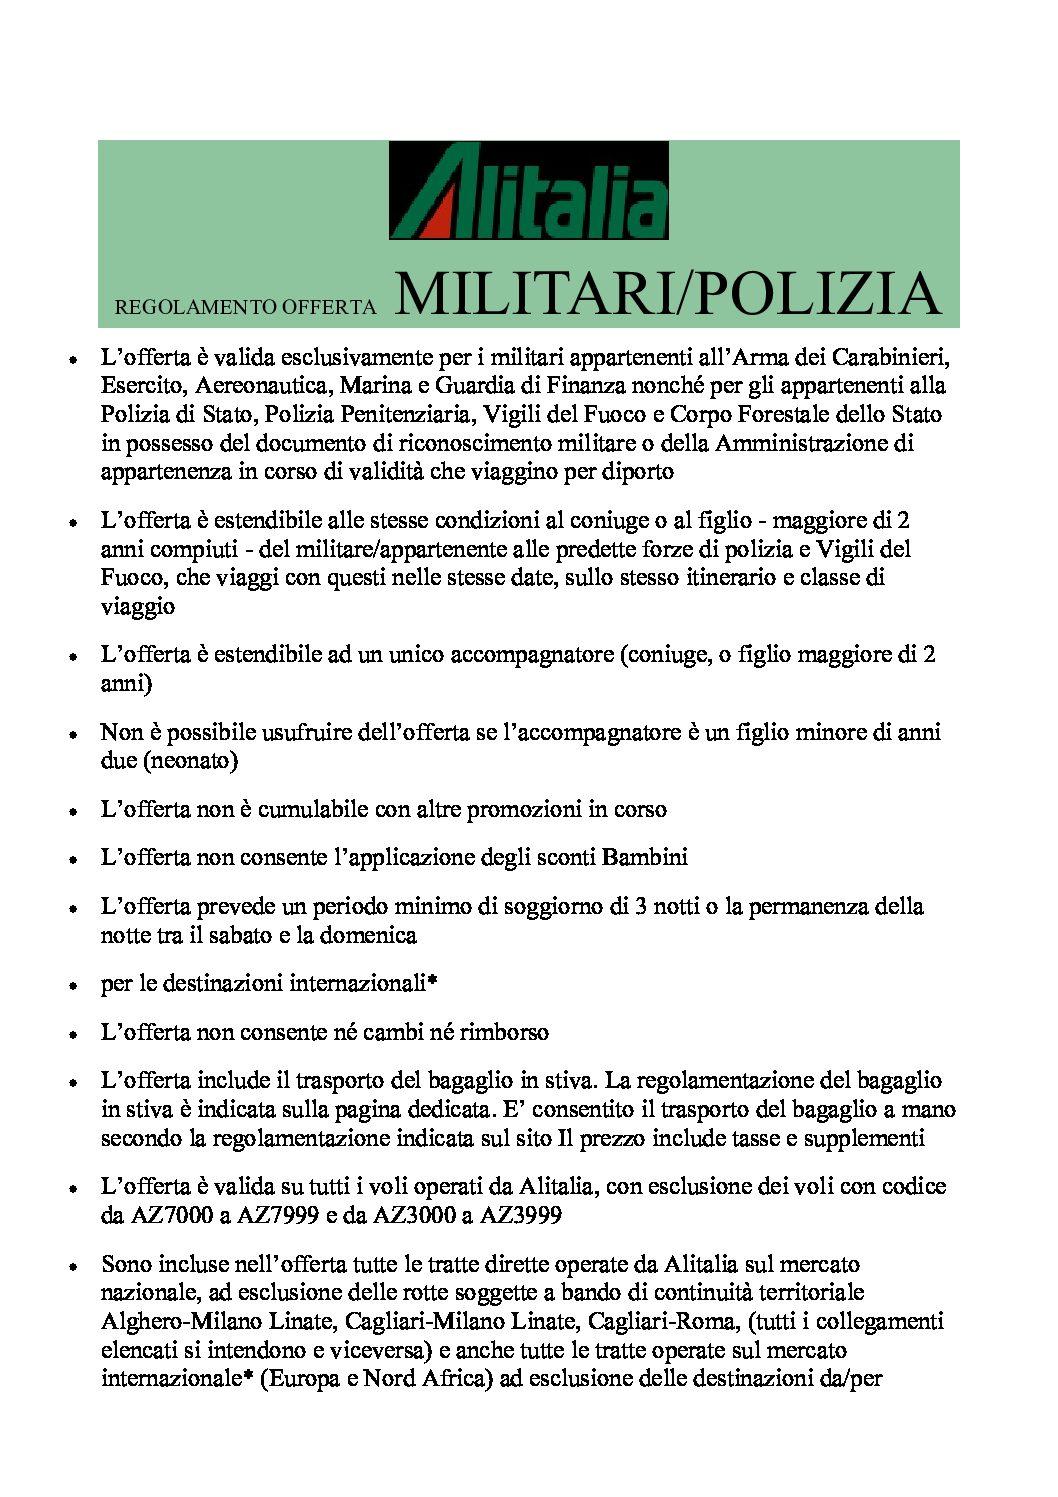 OFFERTA E SCONTISTICA VOLI NAZIONALI ALITALIA MILITARI/POLIZIA